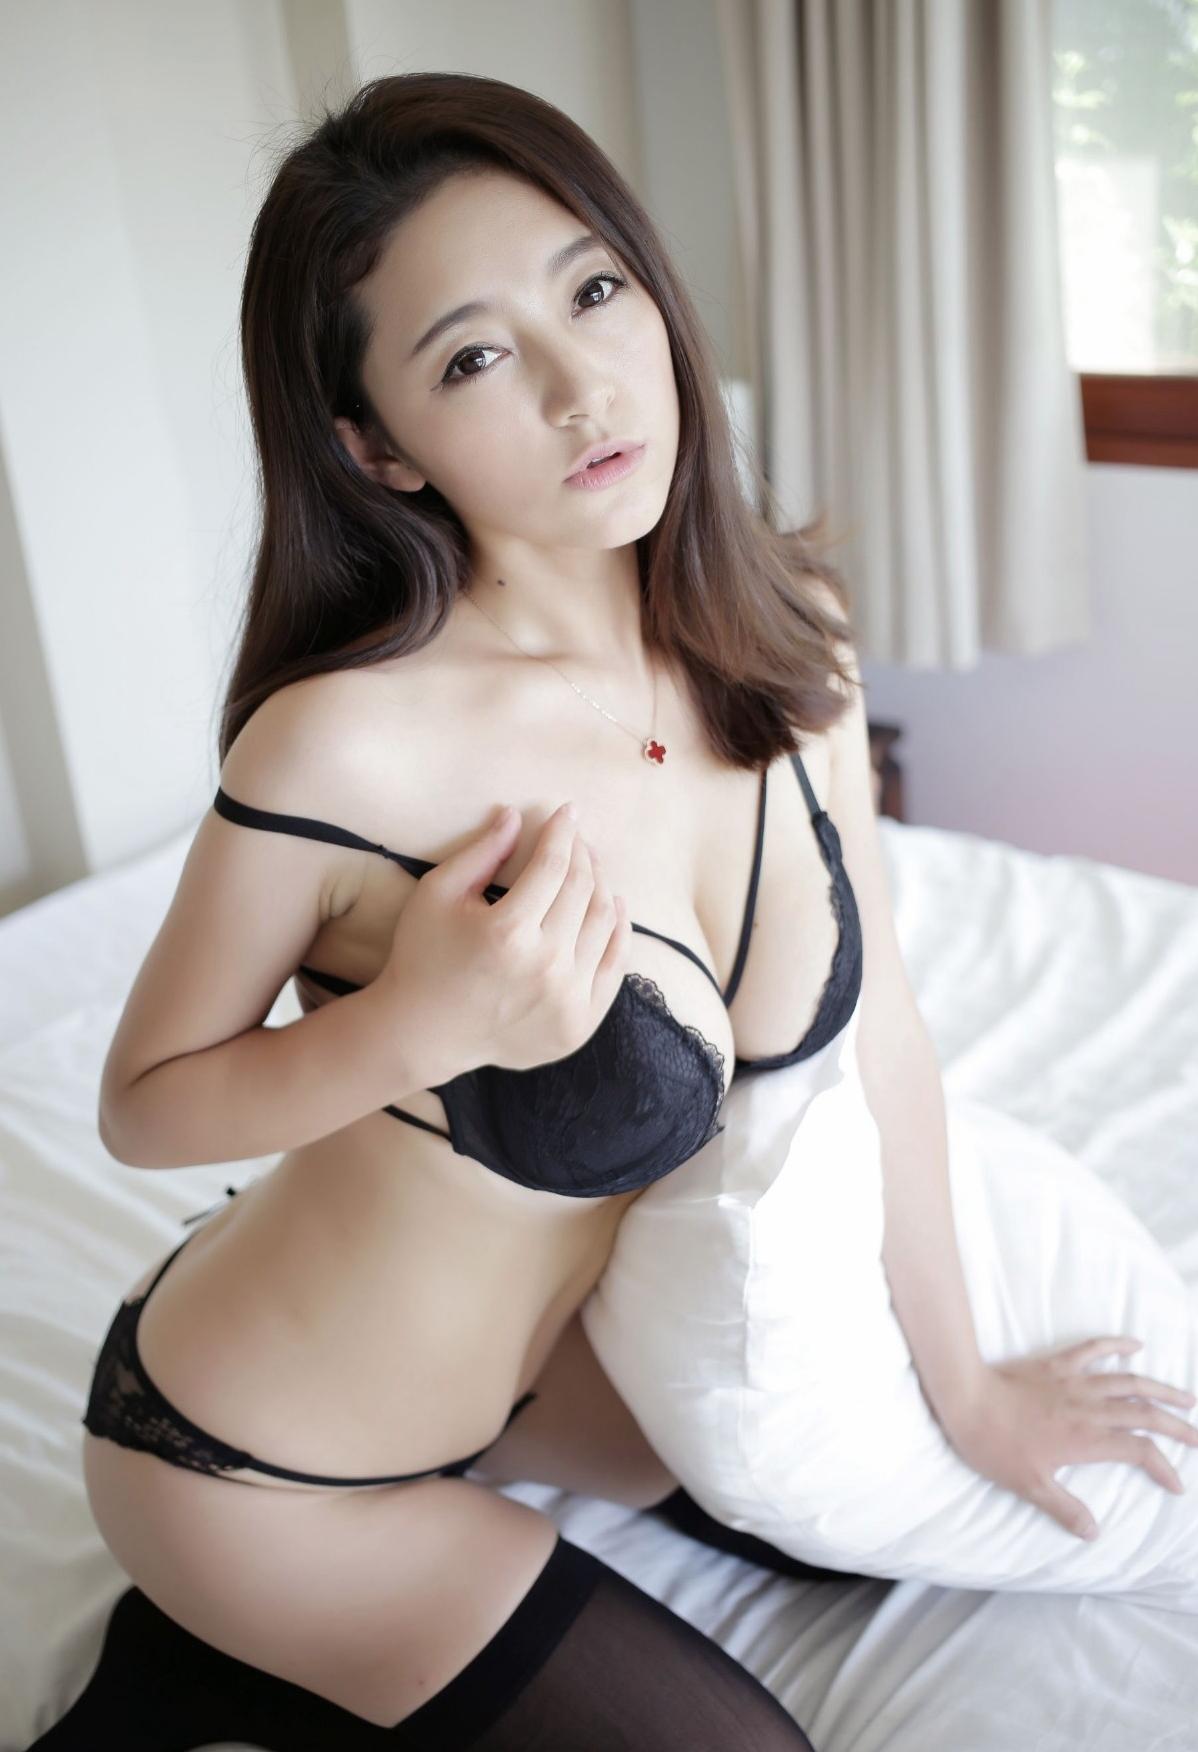 【画像】中国のセクシーランジェリーのモデル写真が普通にエロい件(36枚)・30枚目